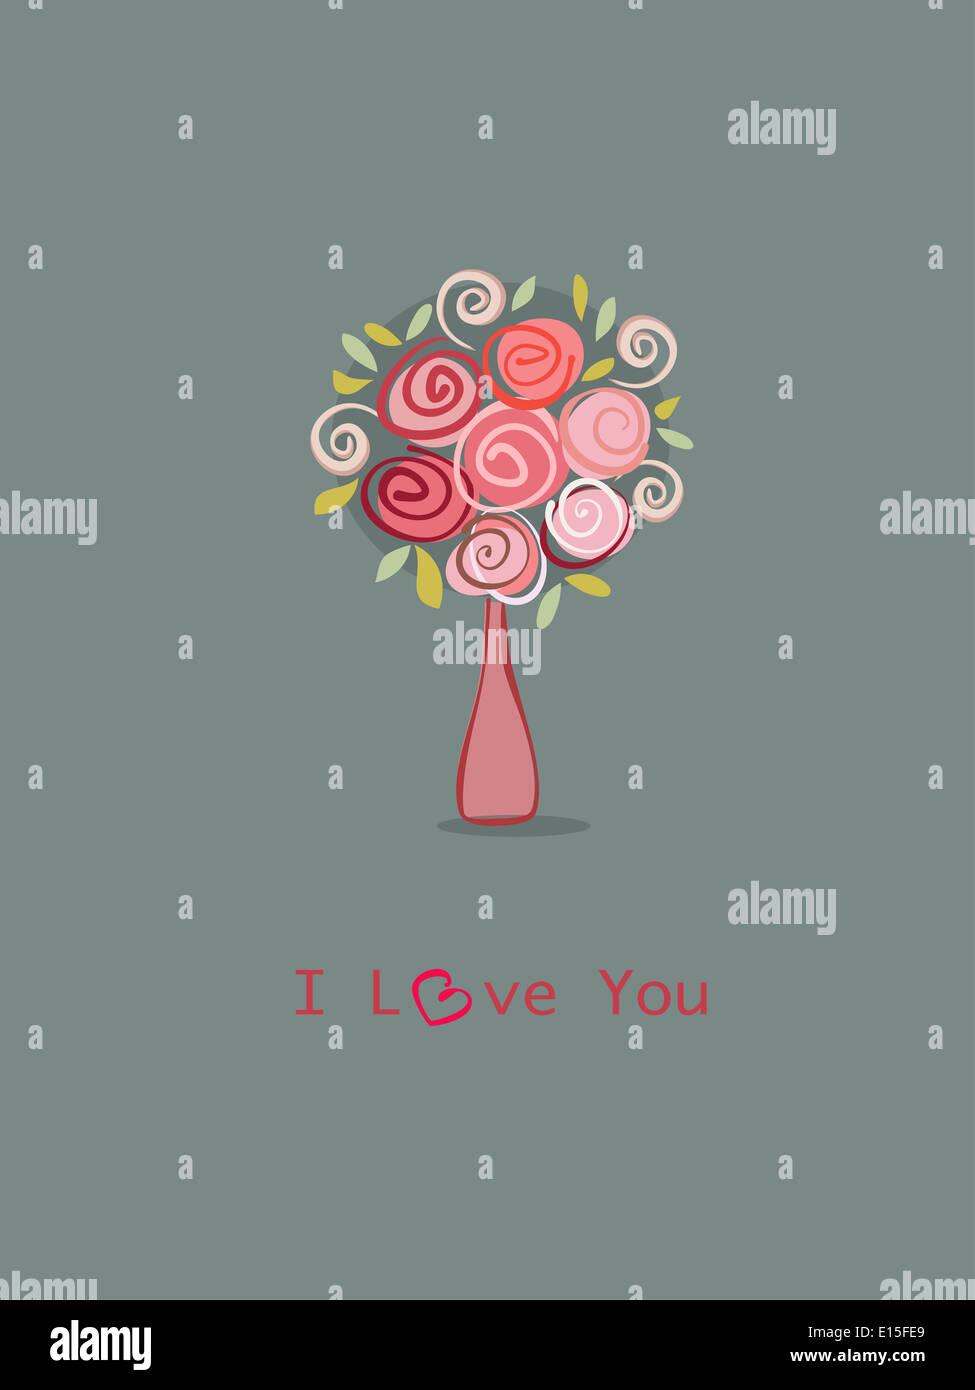 Romantisches Geschenk Rosen Blumen Bukett Und Liebe